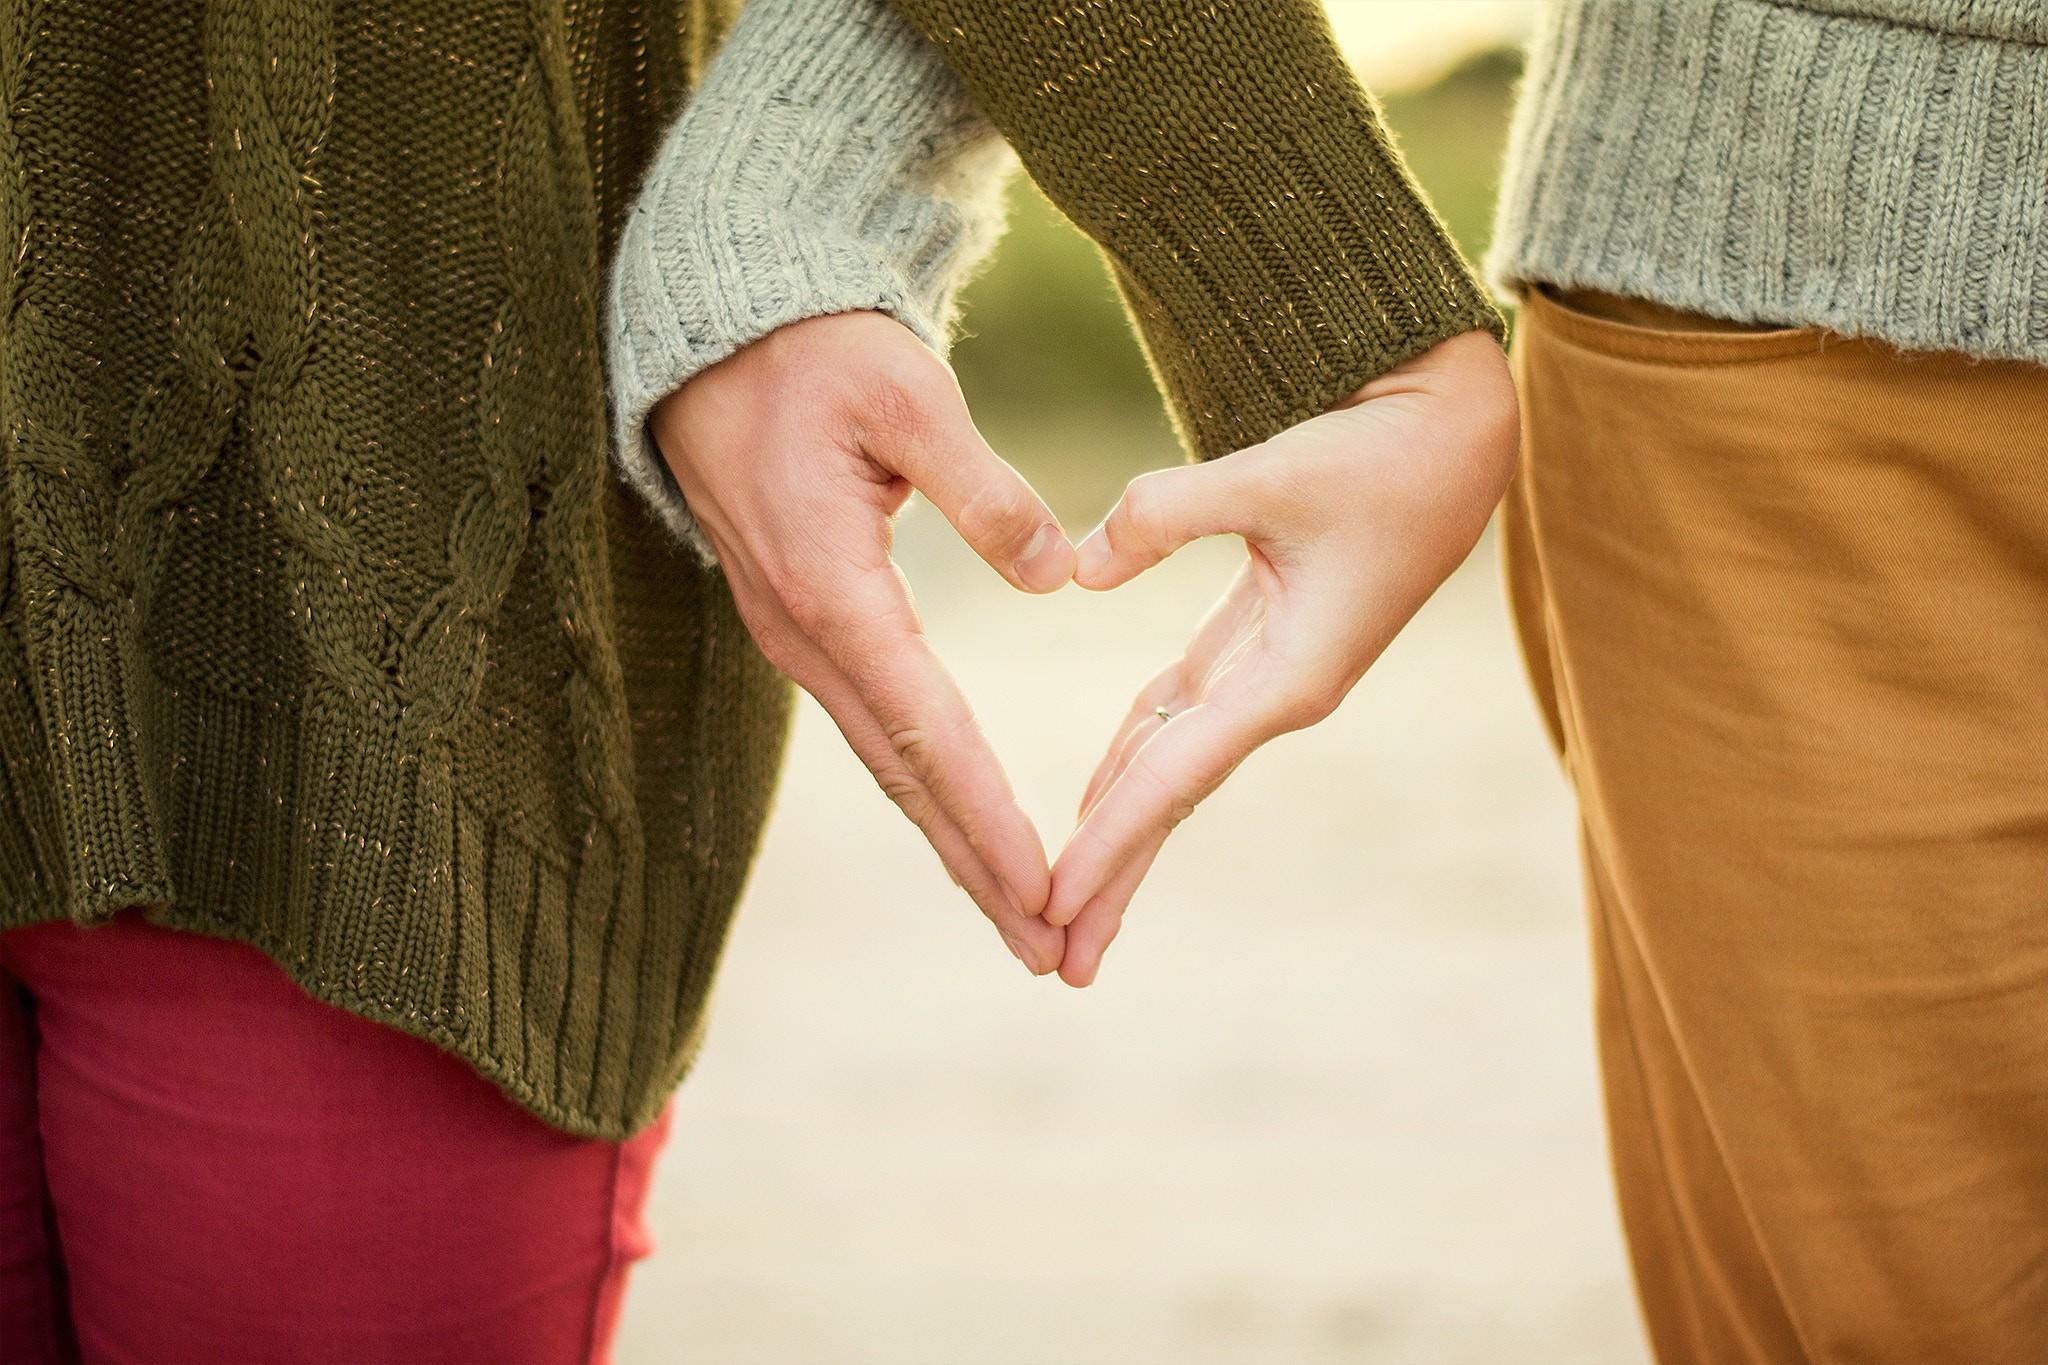 ▲戀愛中常見的10個單字。(圖/取自免費圖庫Unsplash)